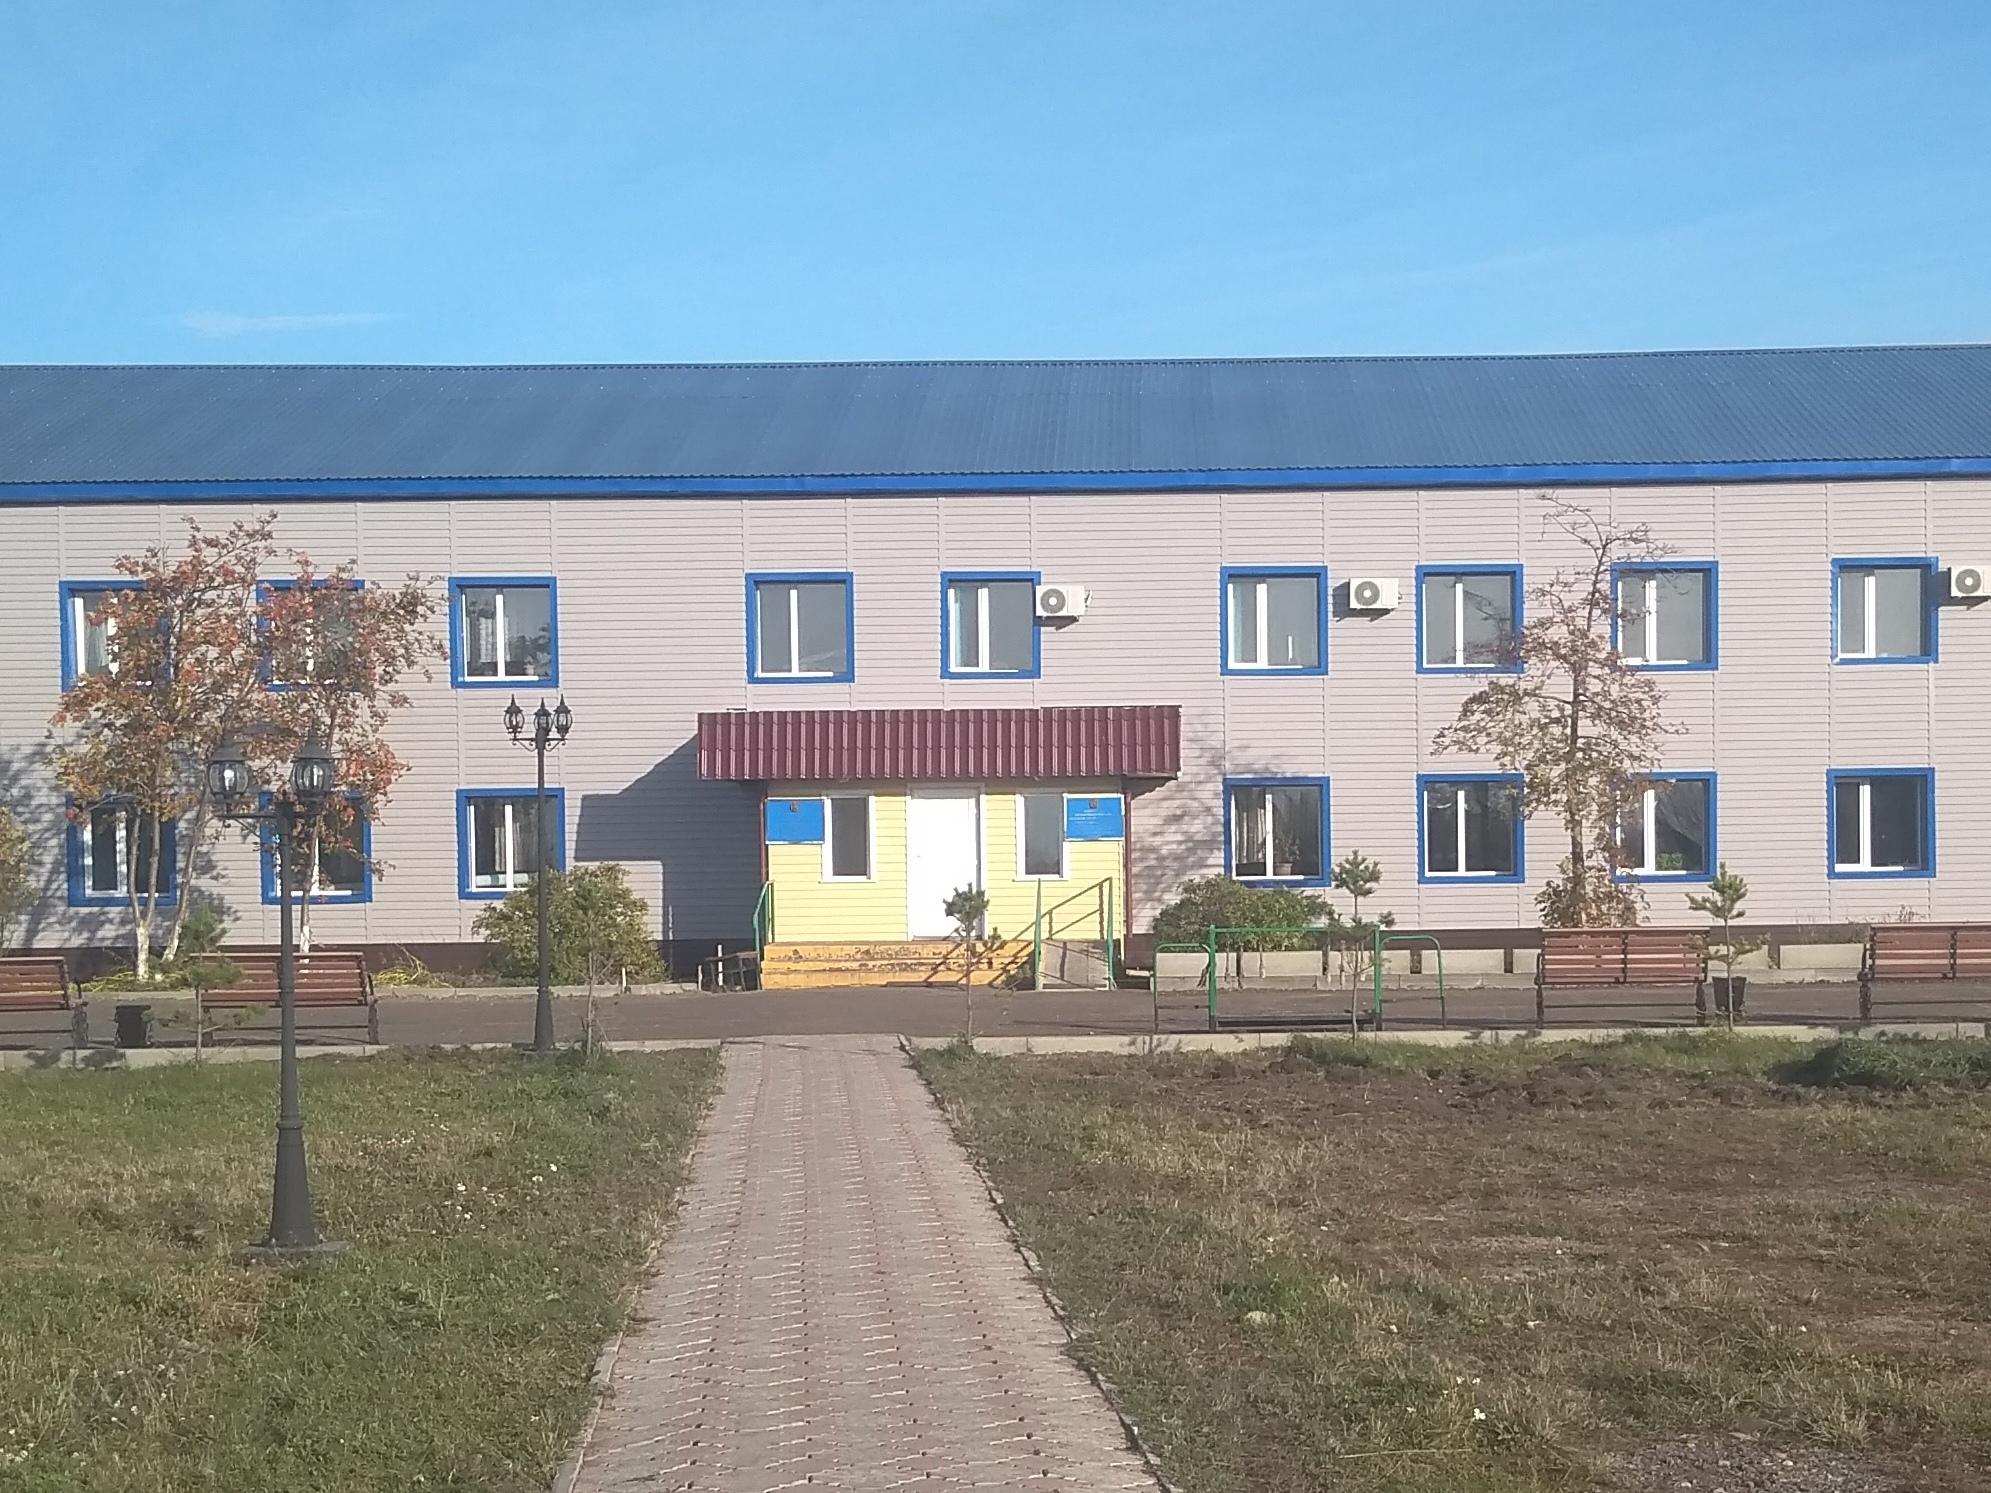 Колледж профессиональной подготовки и сервиса г. Булаево